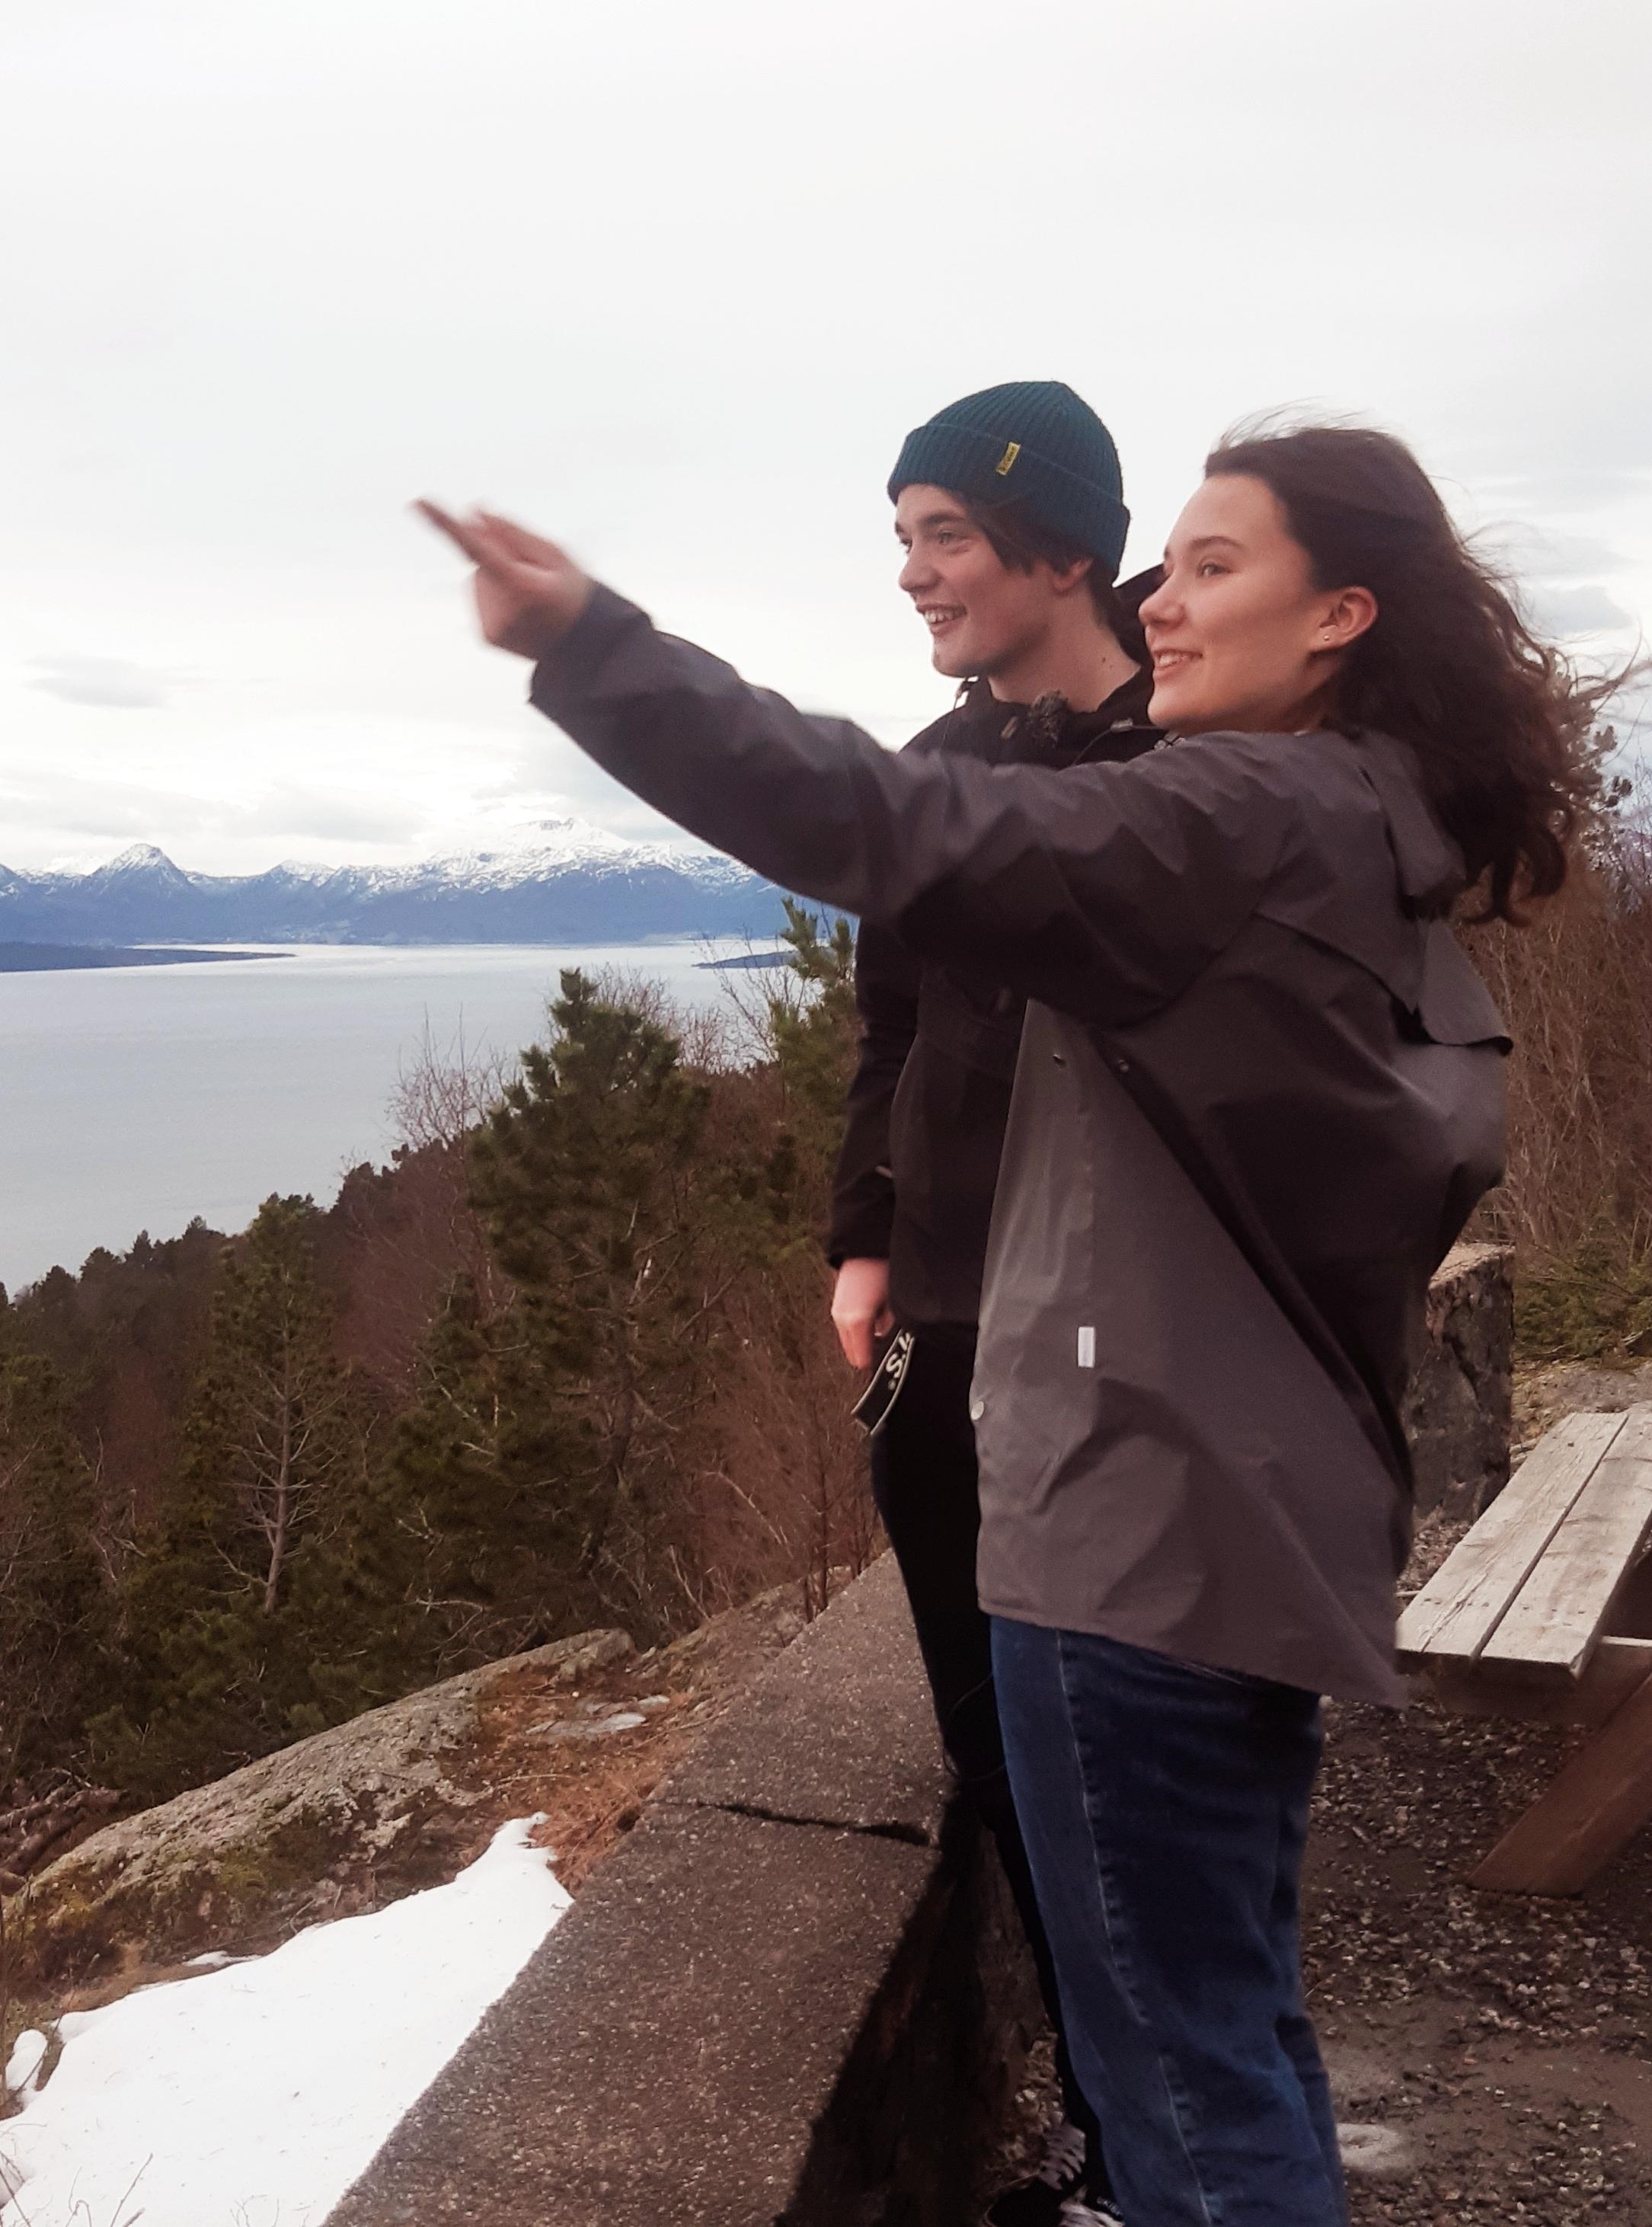 Gyda og Ottar på Varden med utsikt til både Eikesdalen og Midsund.